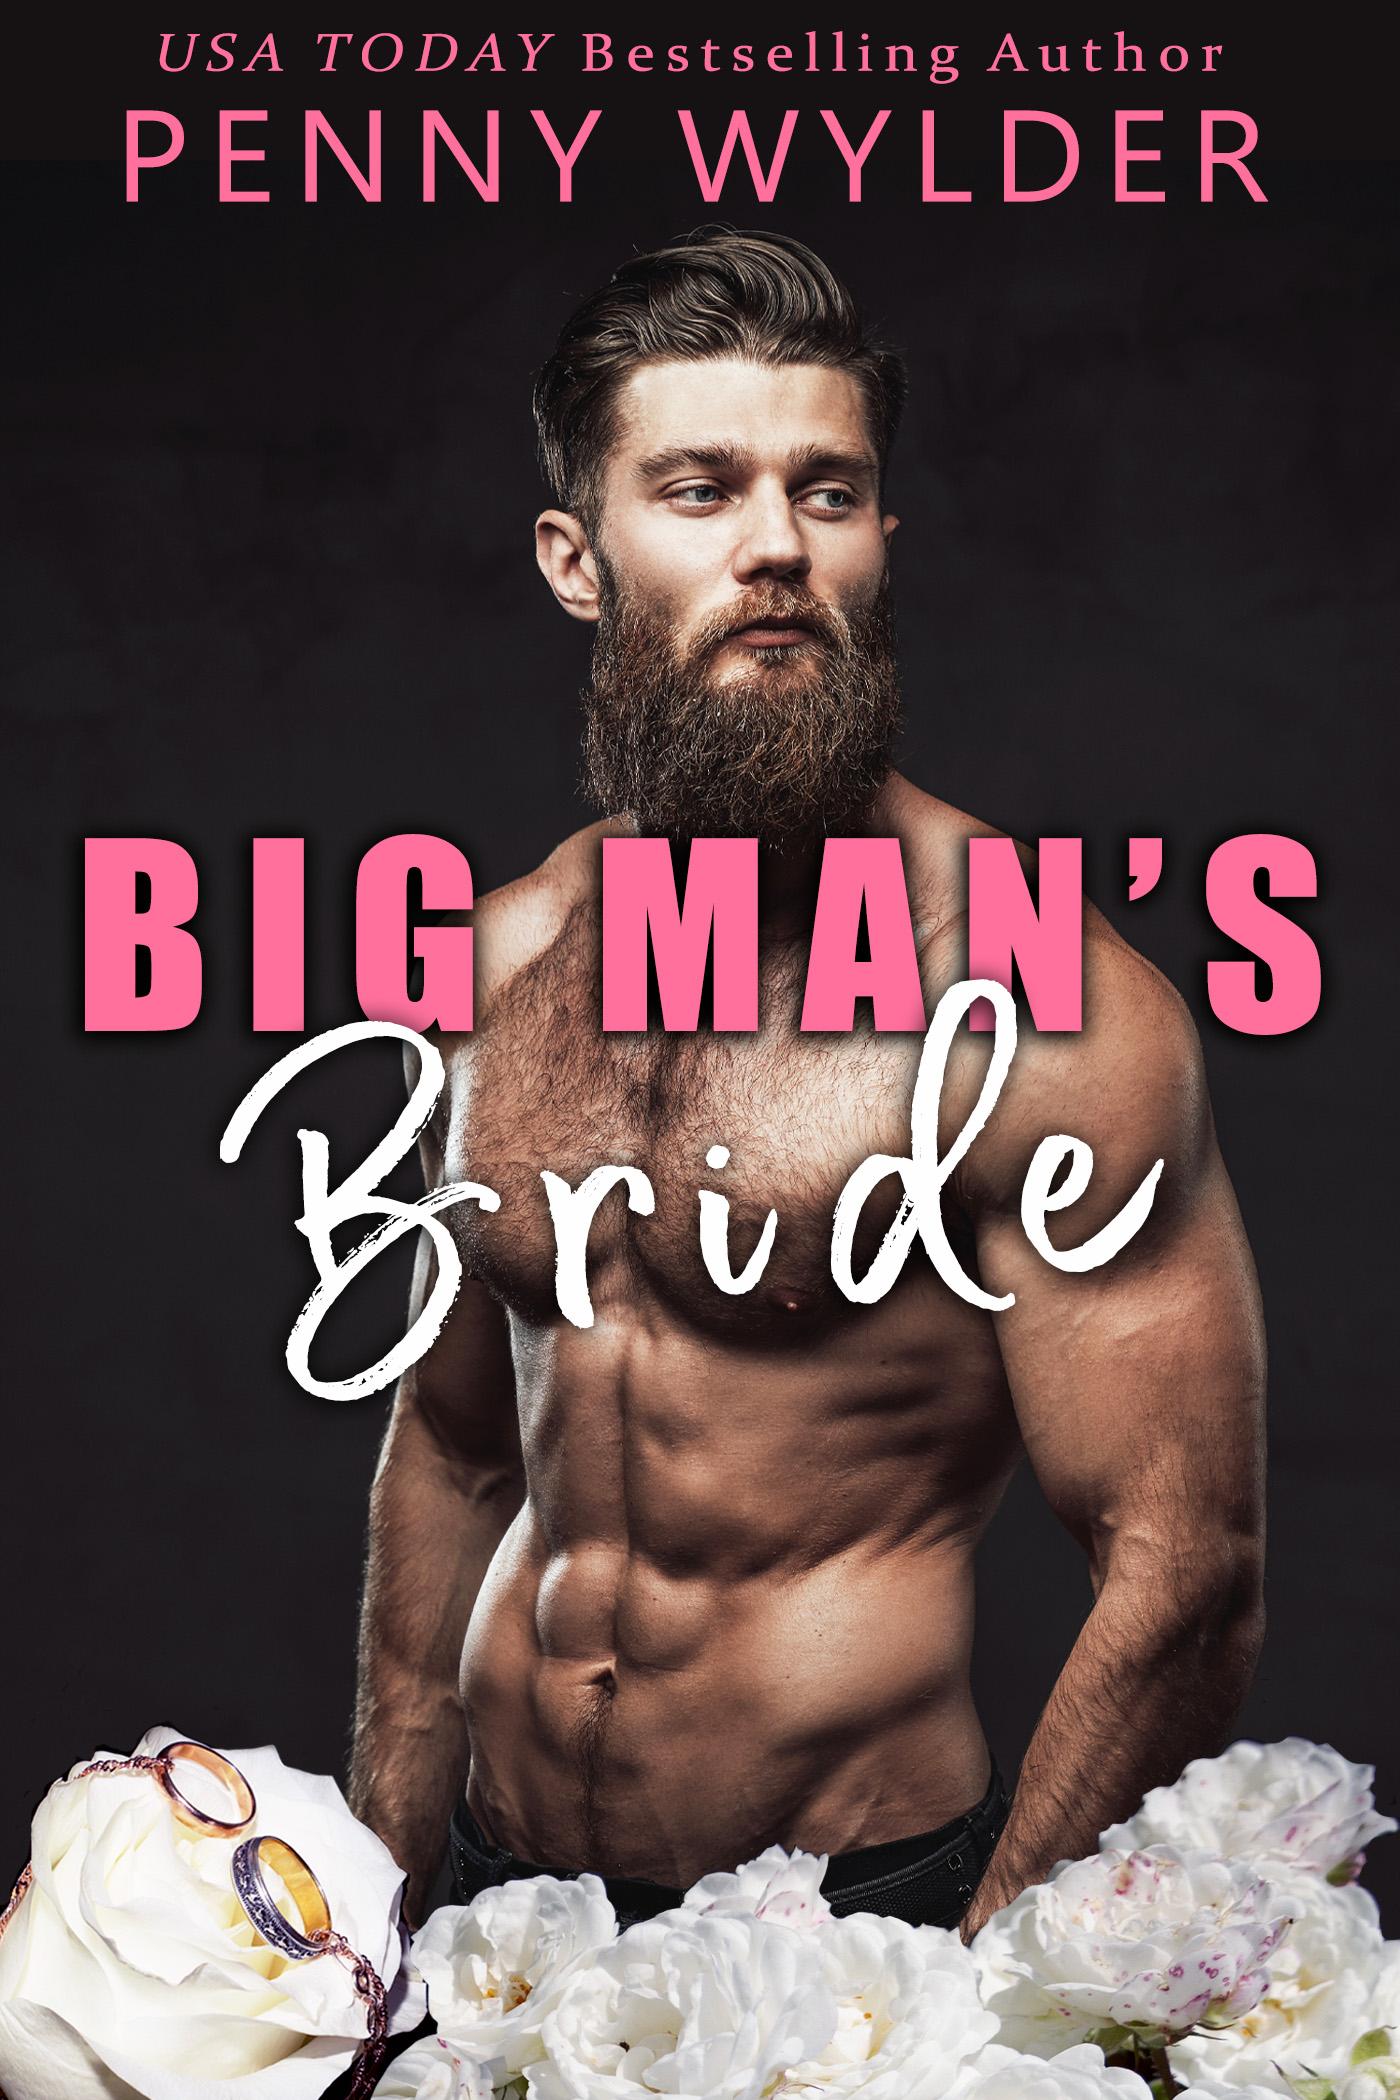 Big Man's Bride (Big Men Small Towns #1)